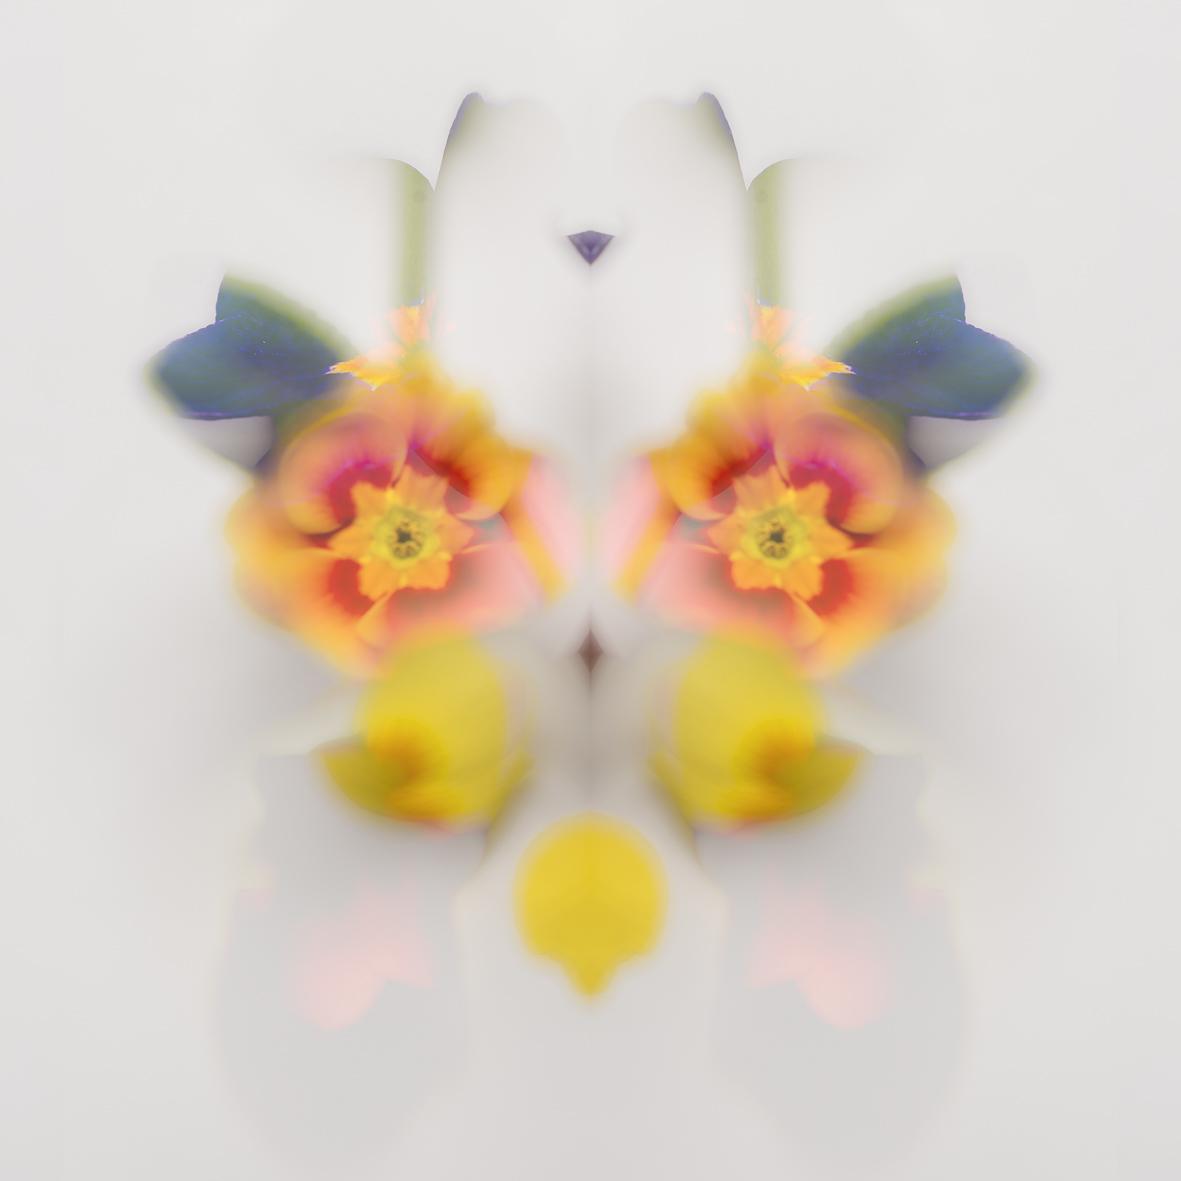 Rorschach Blumen 5.jpg